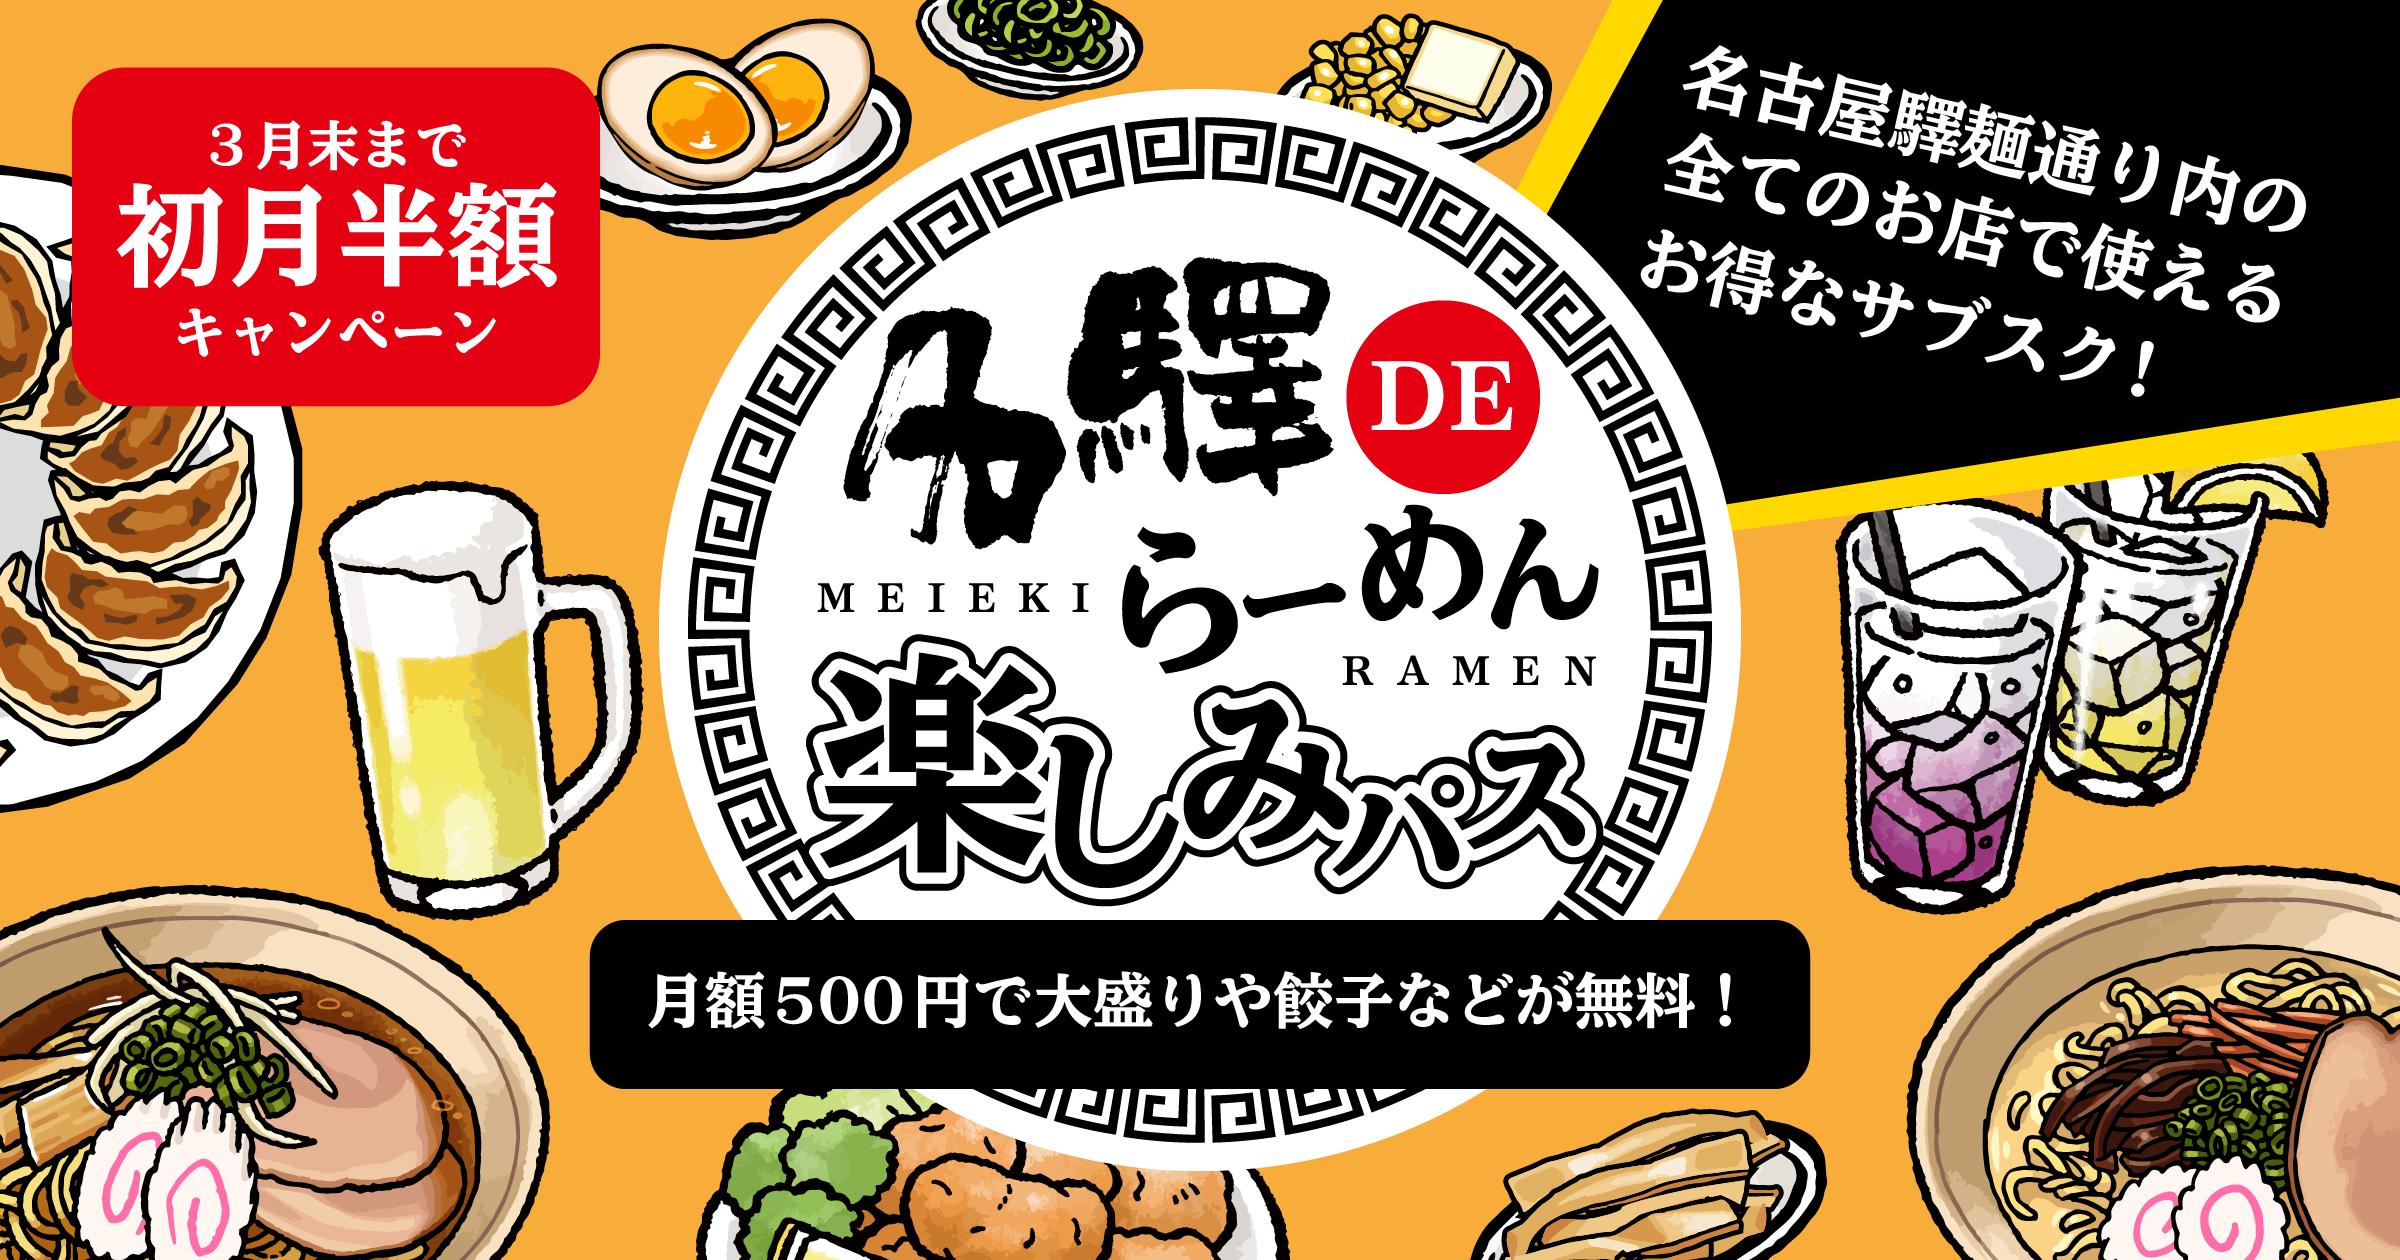 飲食 名古屋 店 クラスター